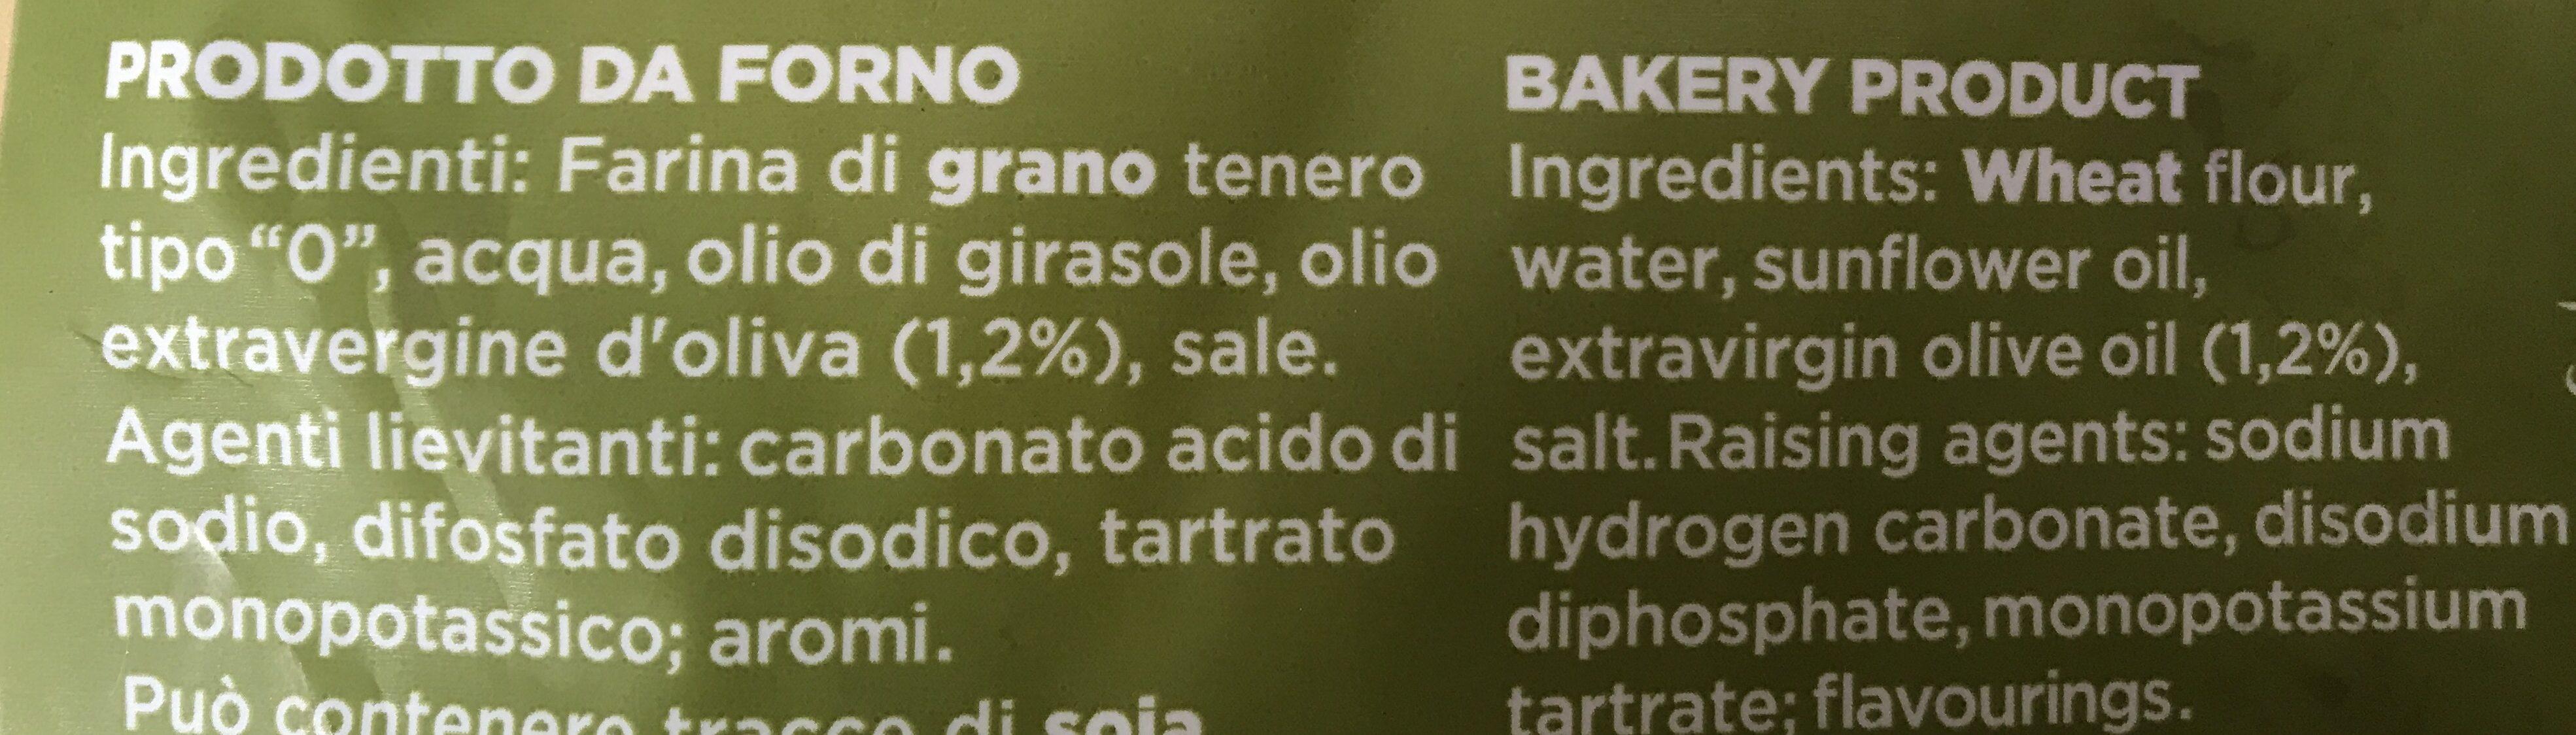 Piadina Arrotolabile Olioe. v. oliva - Ingredients - fr